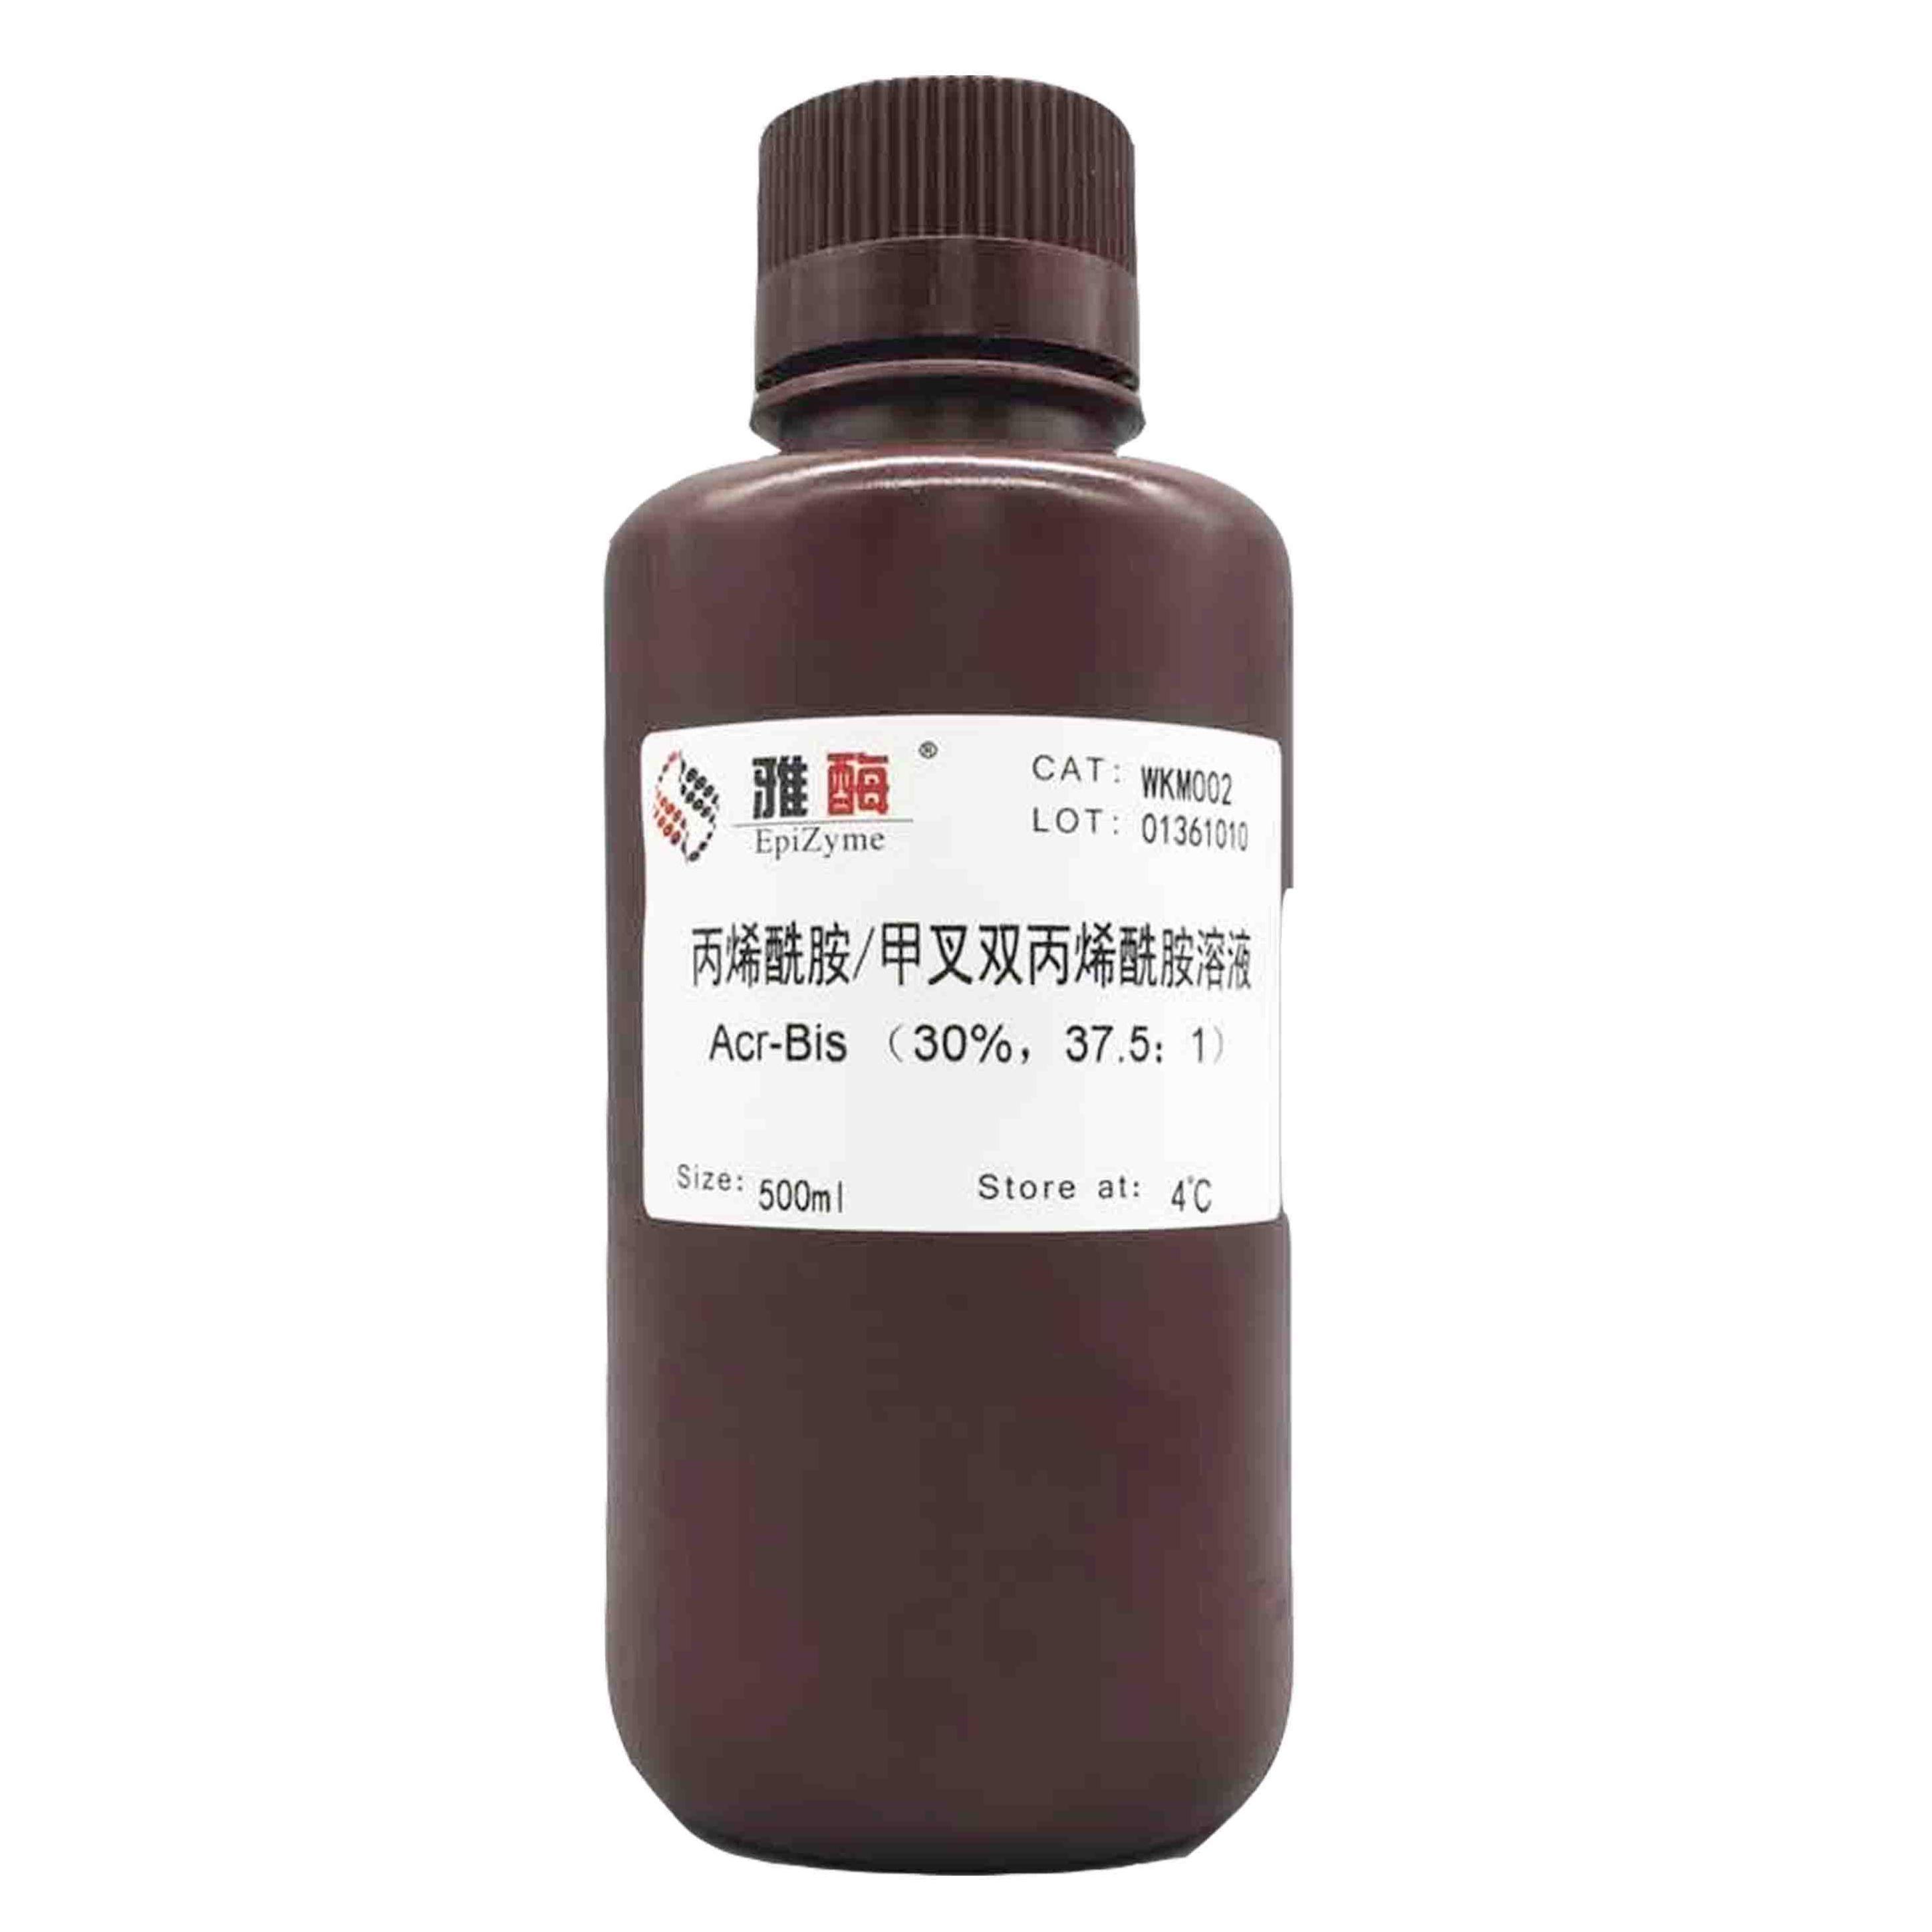 WKM002 30%Acr-Bis溶液 37.5:1